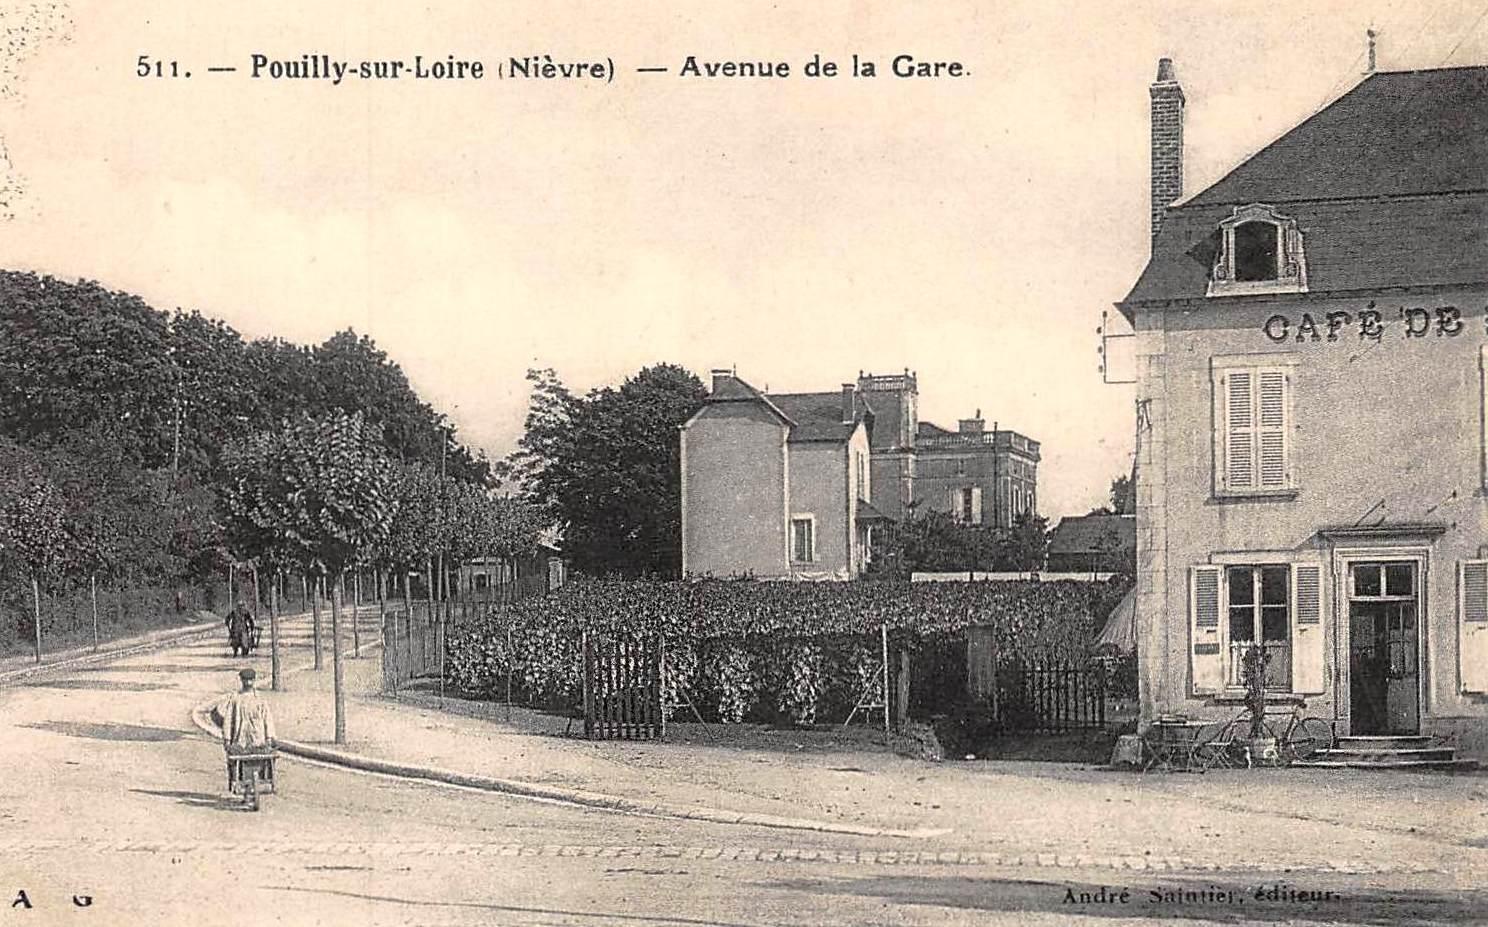 Pouilly-sur-Loire (Nièvre) L'avenue de la gare CPA